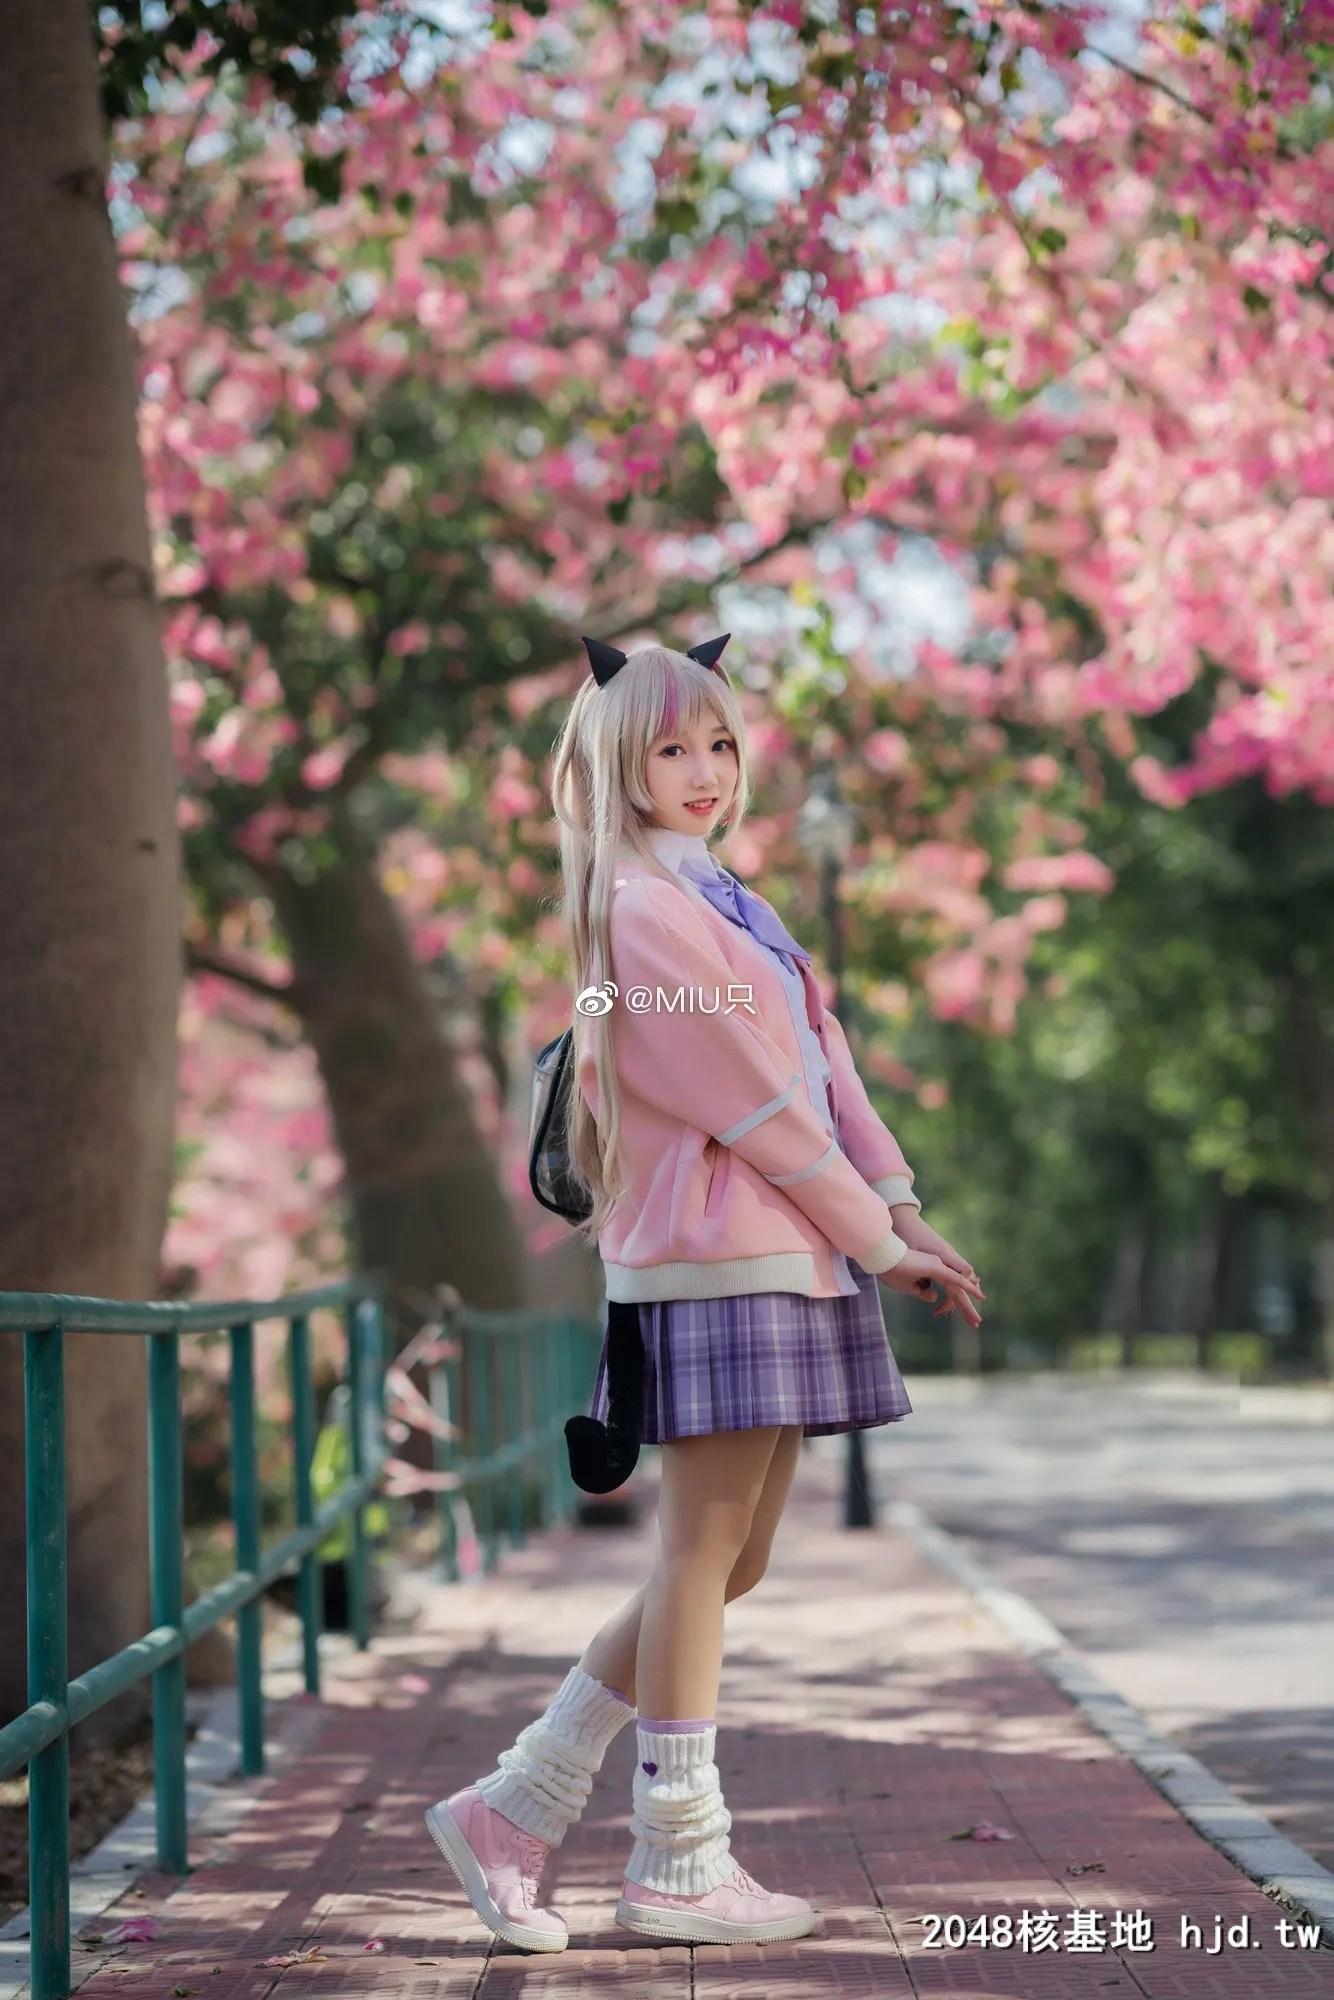 少女前线Mk23—宣告开学的喵之歌@MIU只 (10P)插图(8)